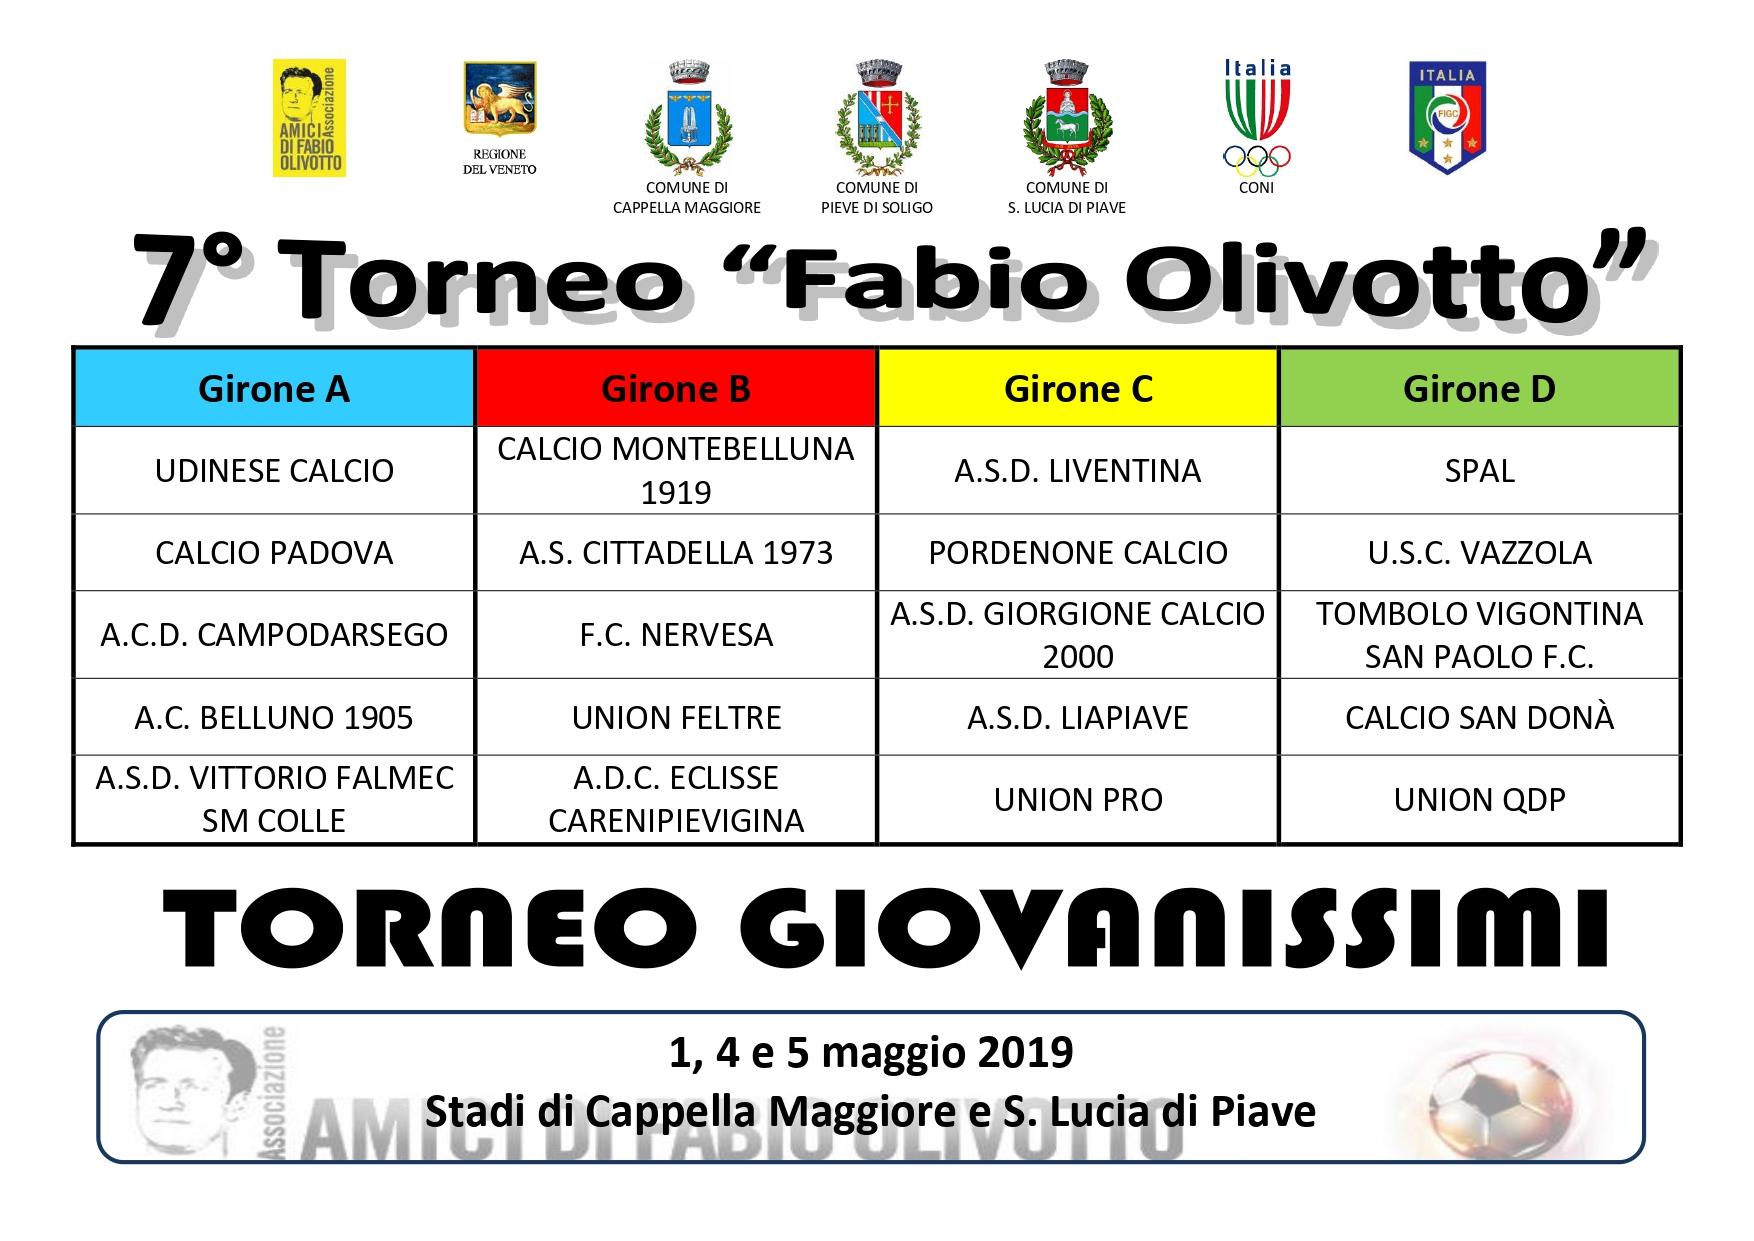 Calendario Torneo A 7 Squadre.Presentazione 7 Torneo Fabio Olivotto Associazione Amici